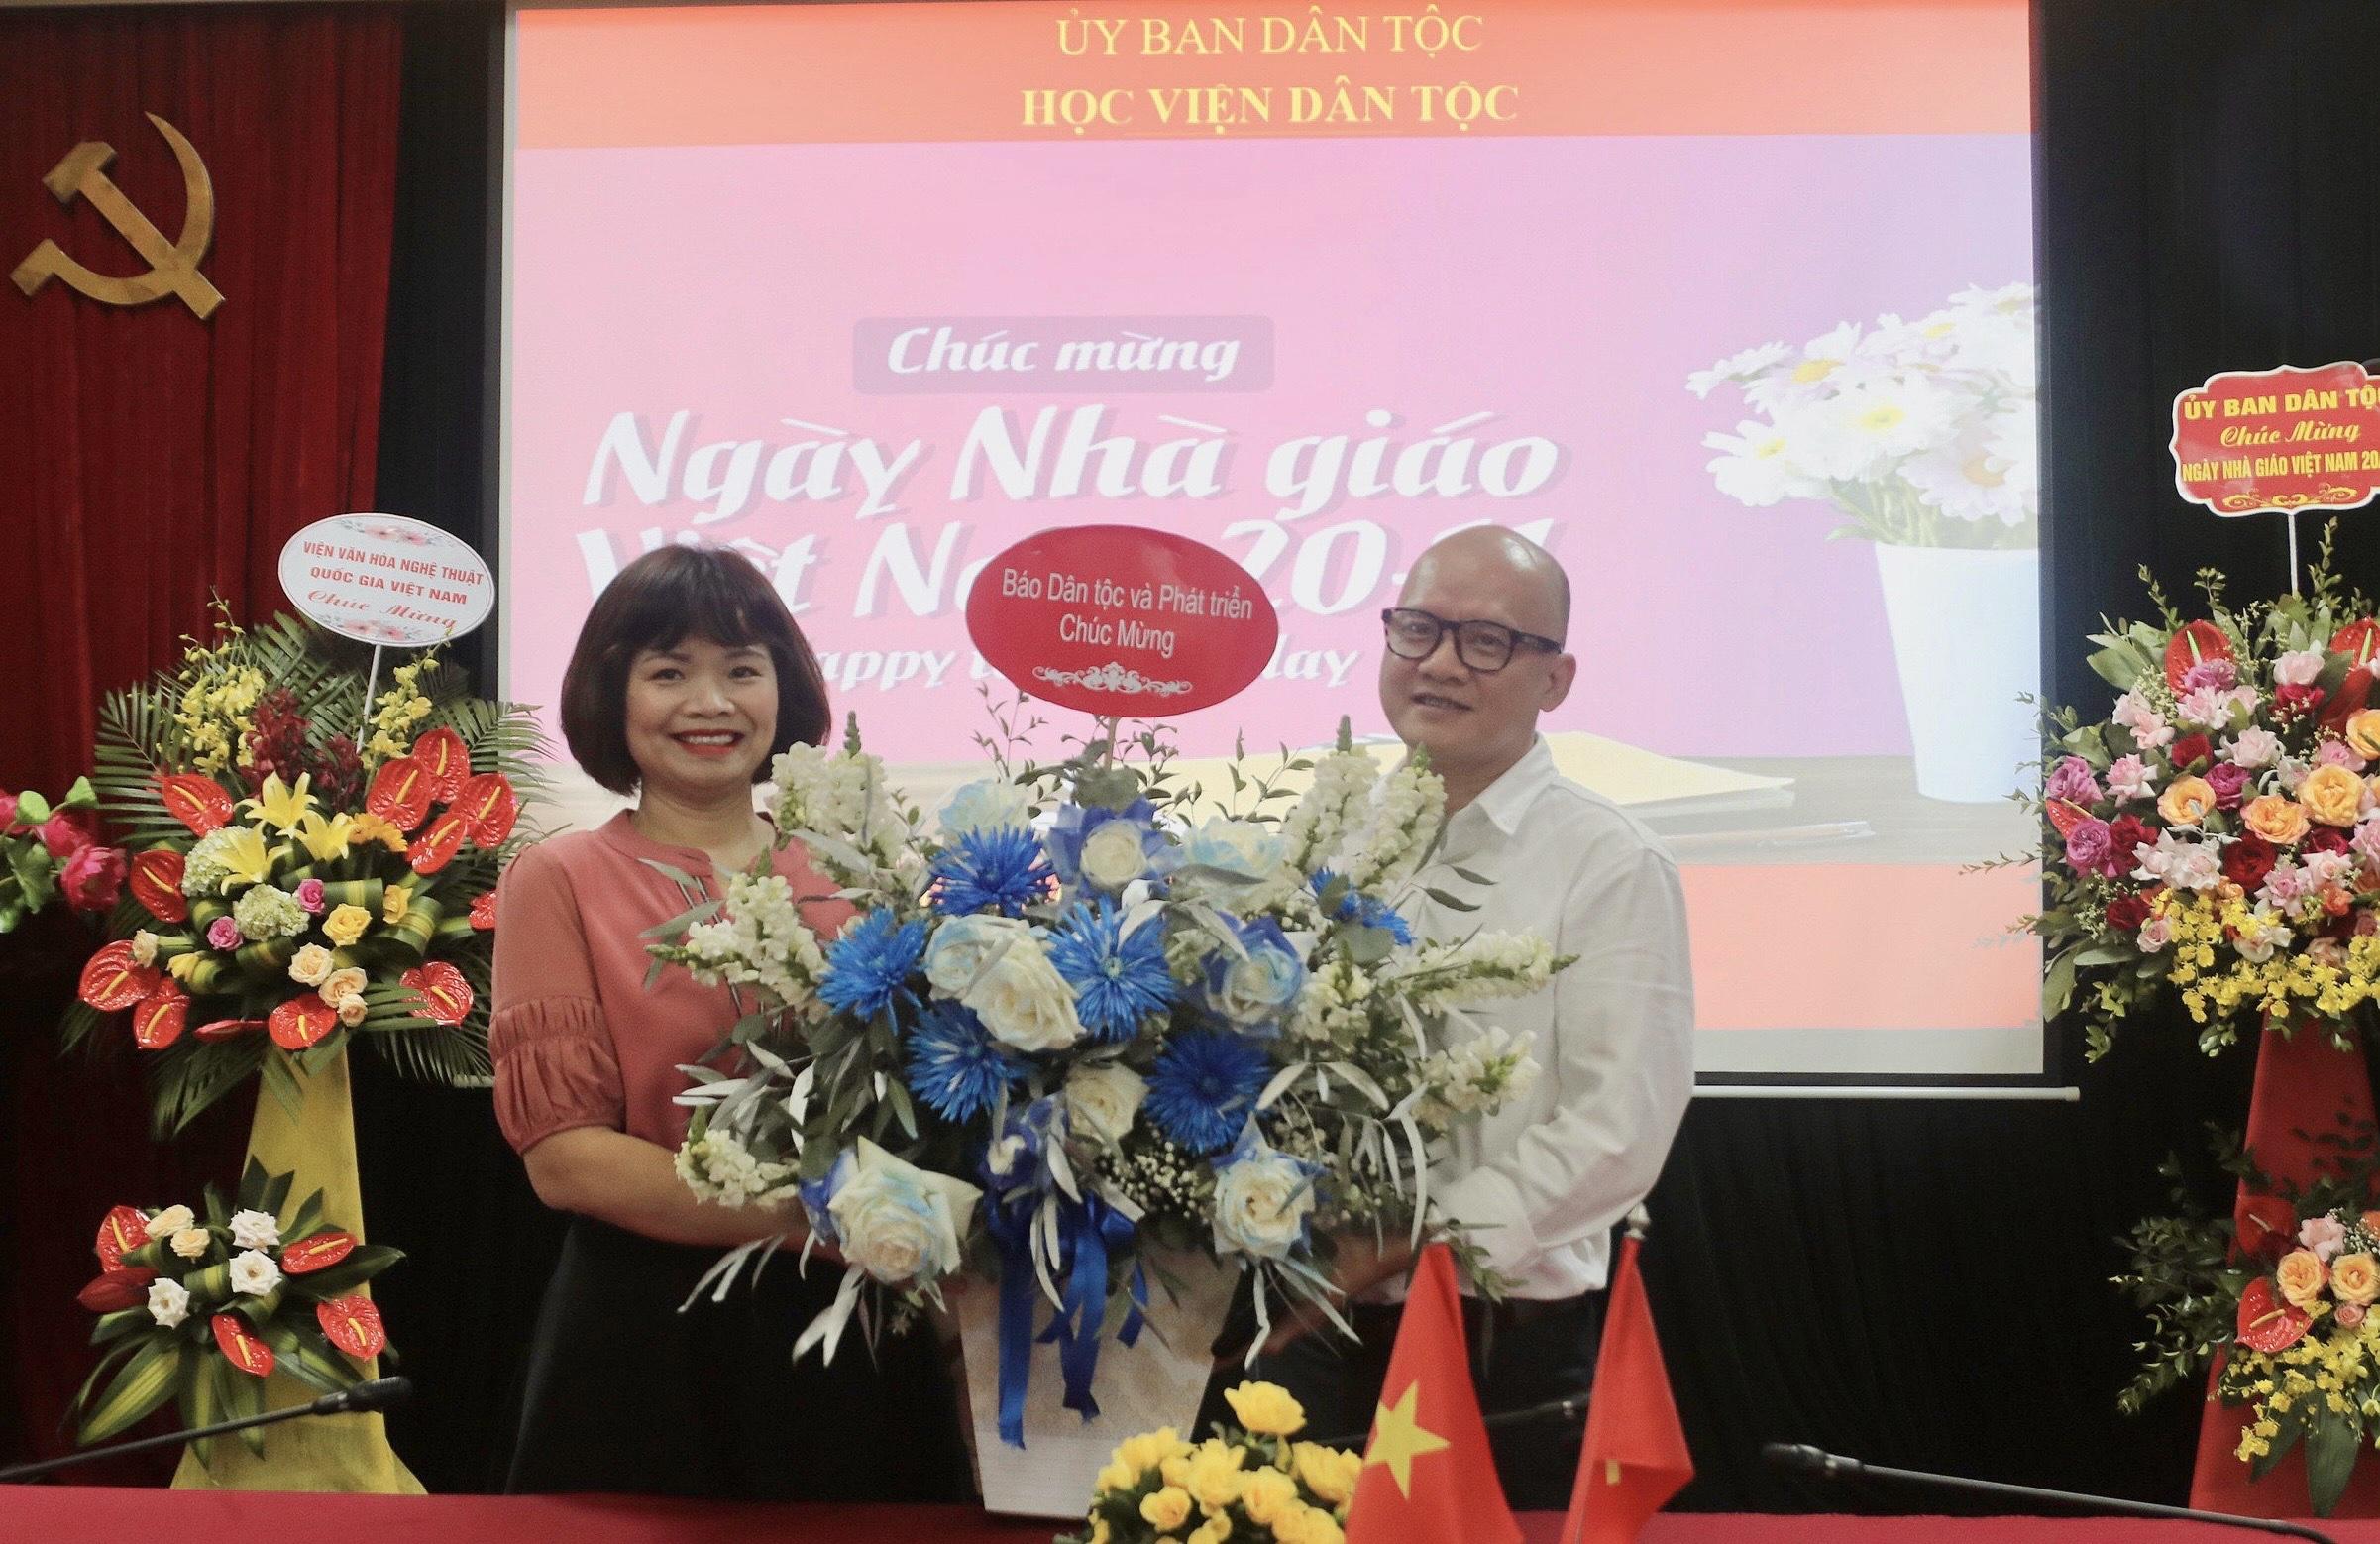 Phó Tổng Biên tập Báo Dân tộc và Phát triển Bùi Thị Hạ tặng hoa chúc mừng Học viện Dân tộc